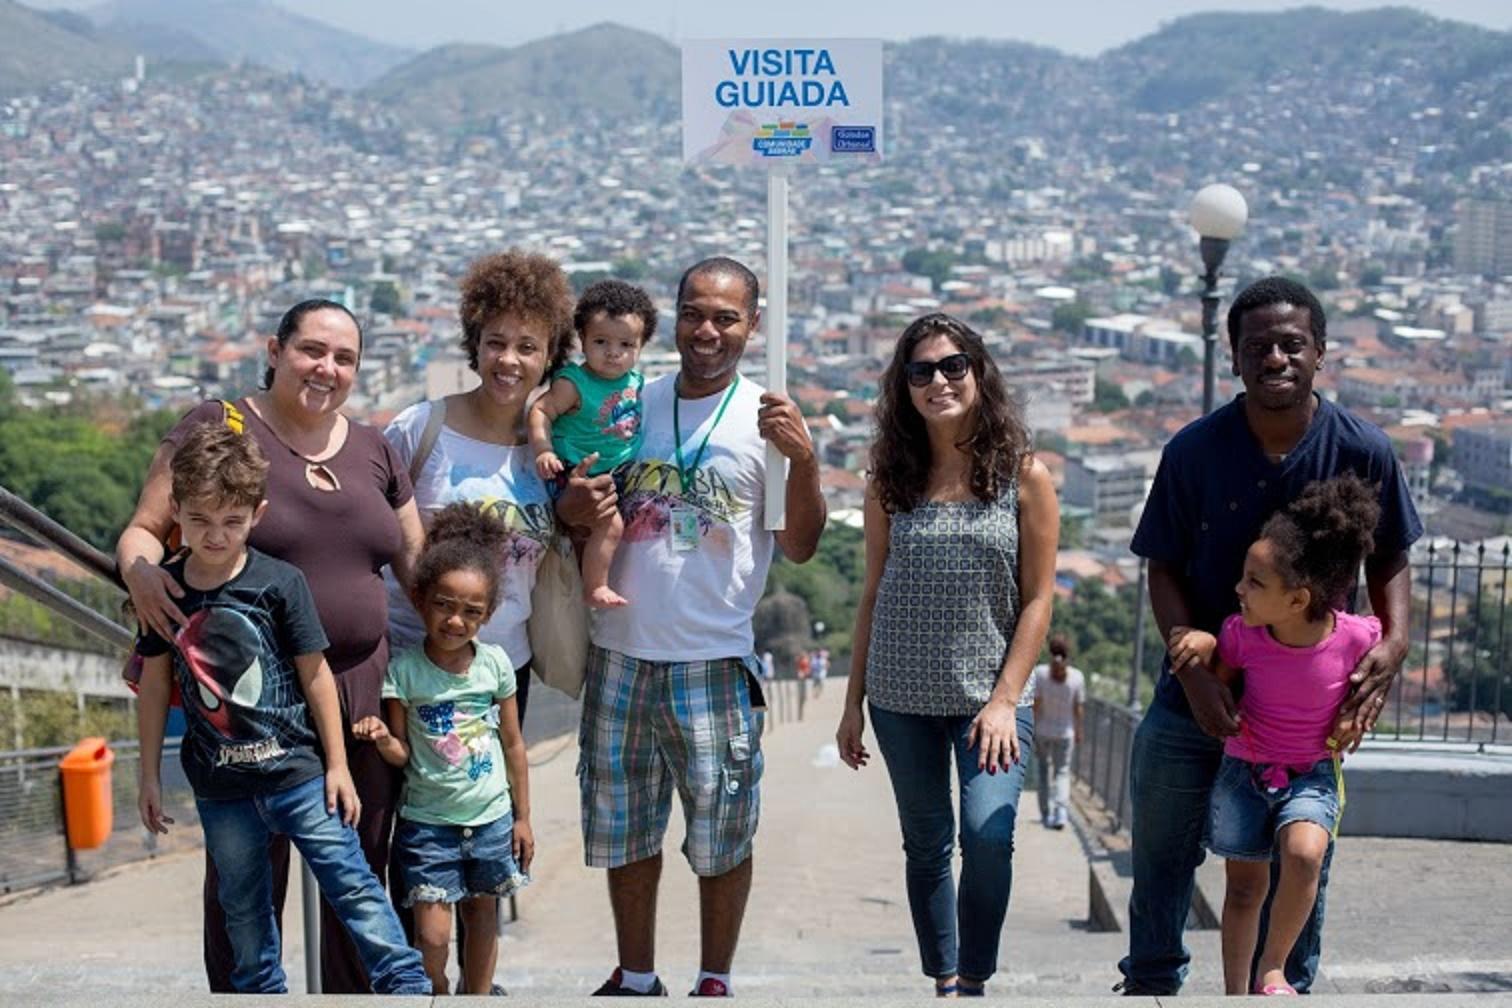 Adultos e crianças se divertem na visita guiada à Zona Oeste: passeio e cidadania